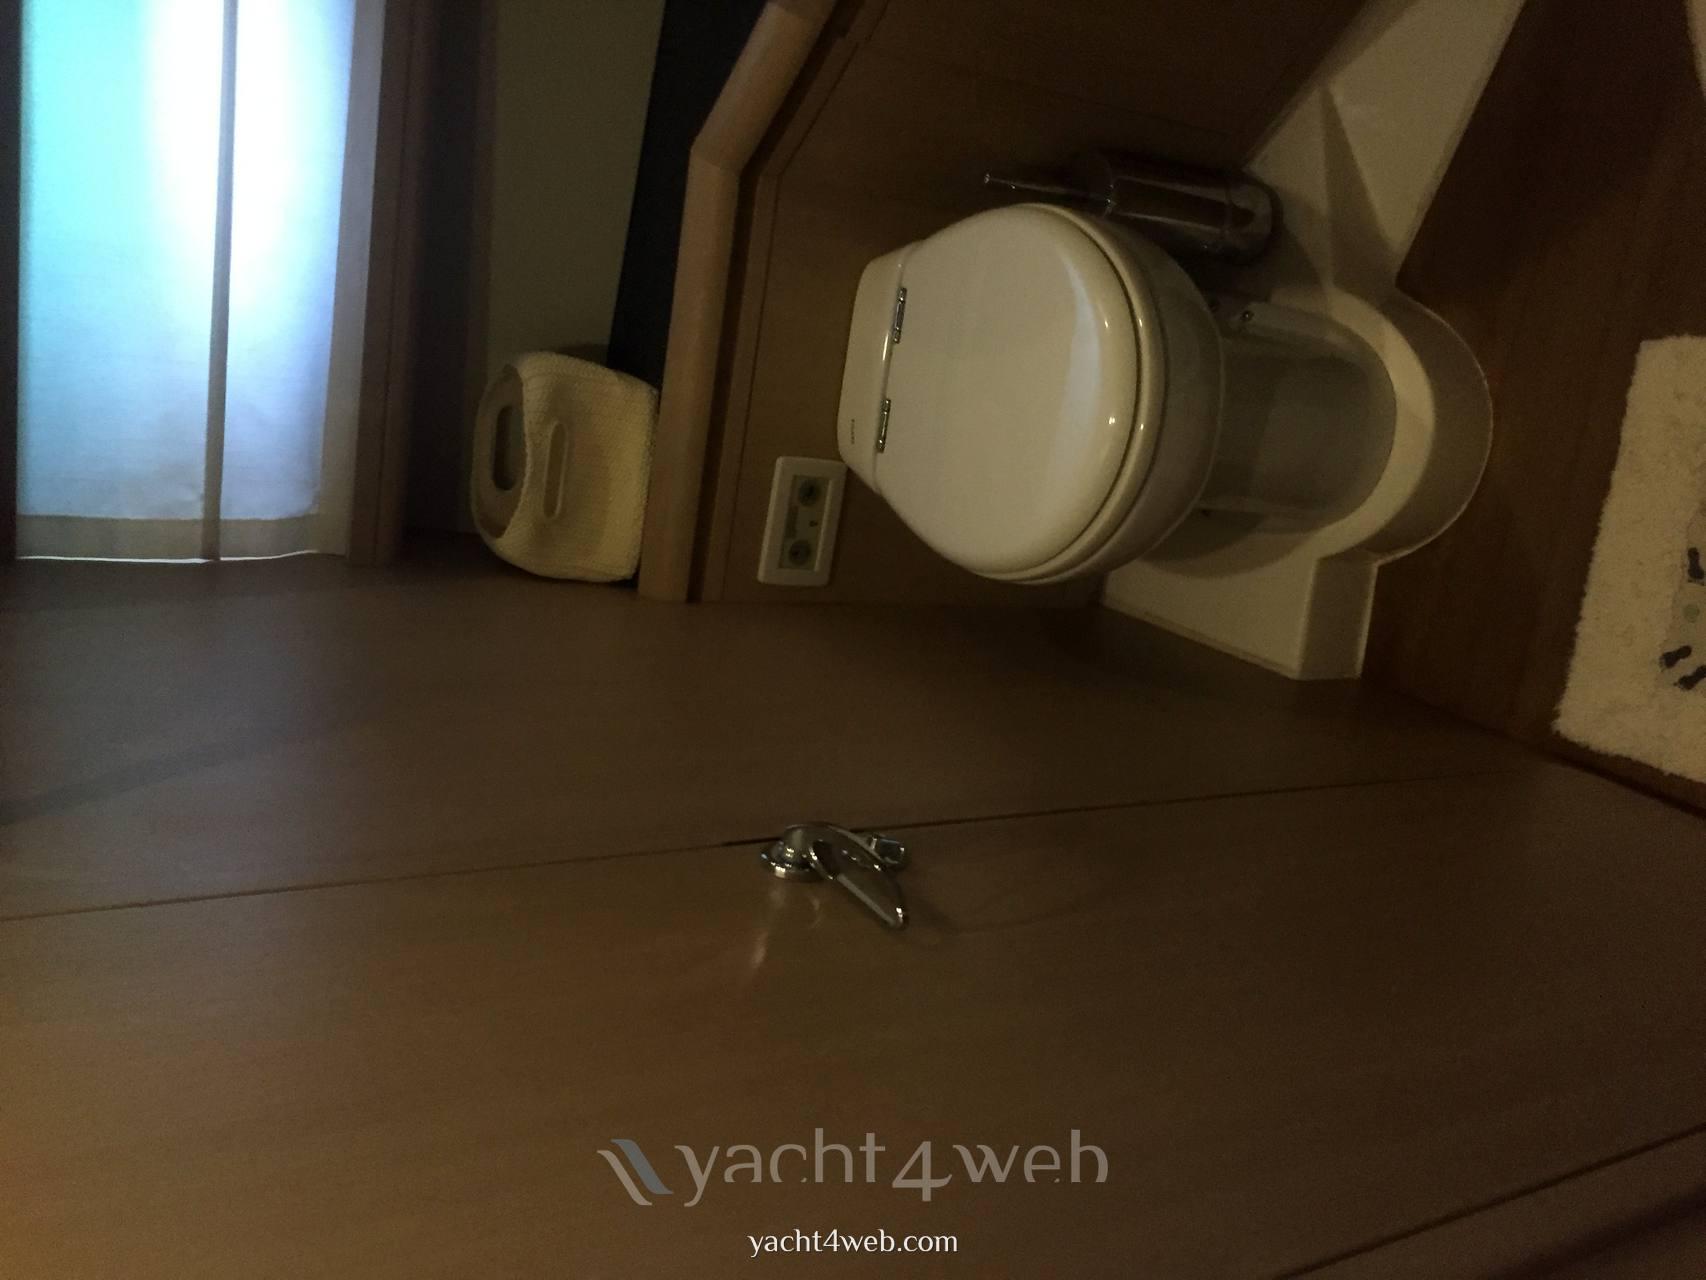 CANTIERE DEGLI ESTENSI Goldstar 480 barca a motore